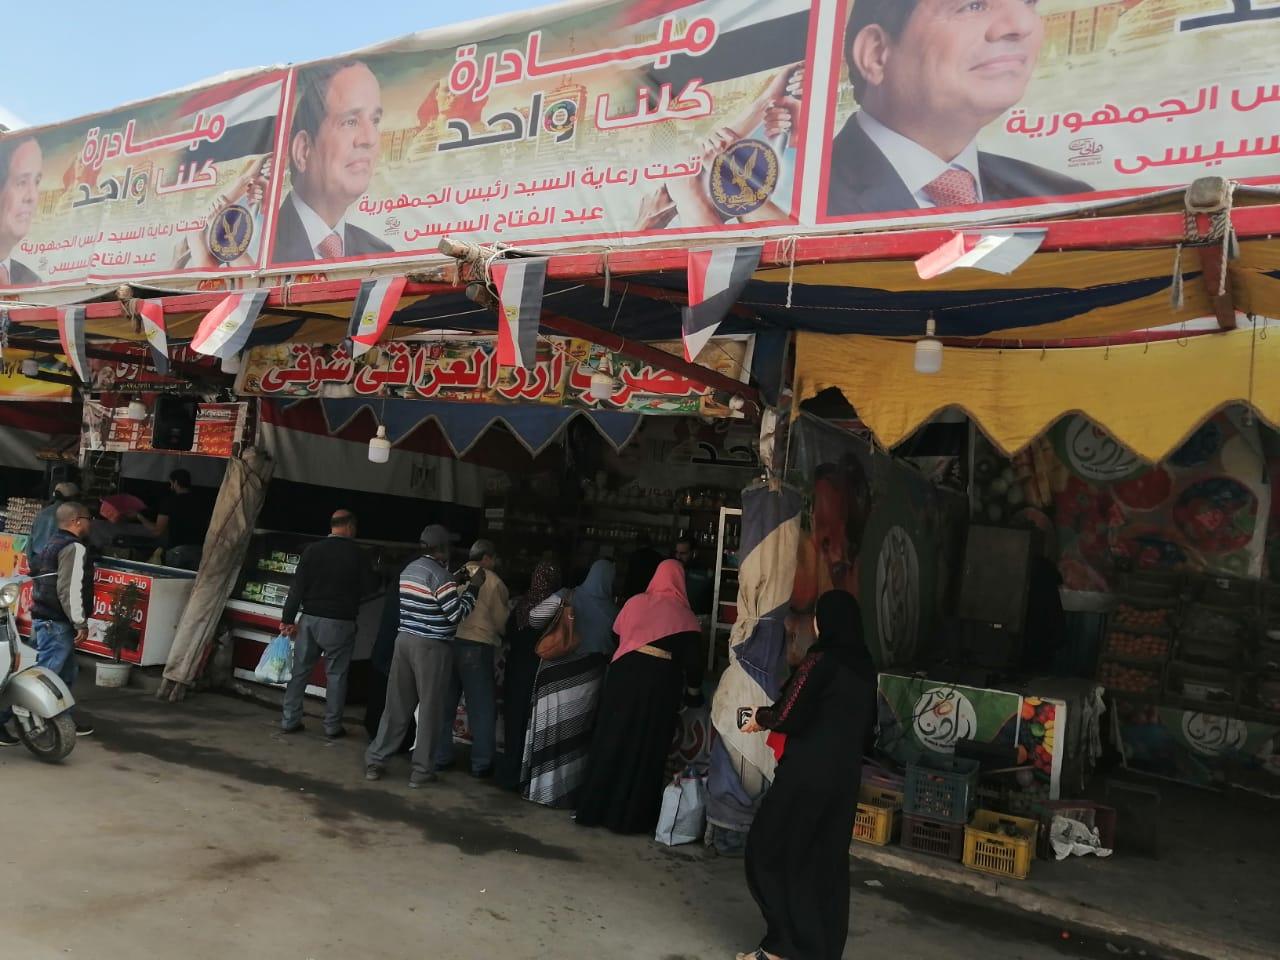 اسواق تحيا مصر للخضر والفاكهة بالغربية (3)